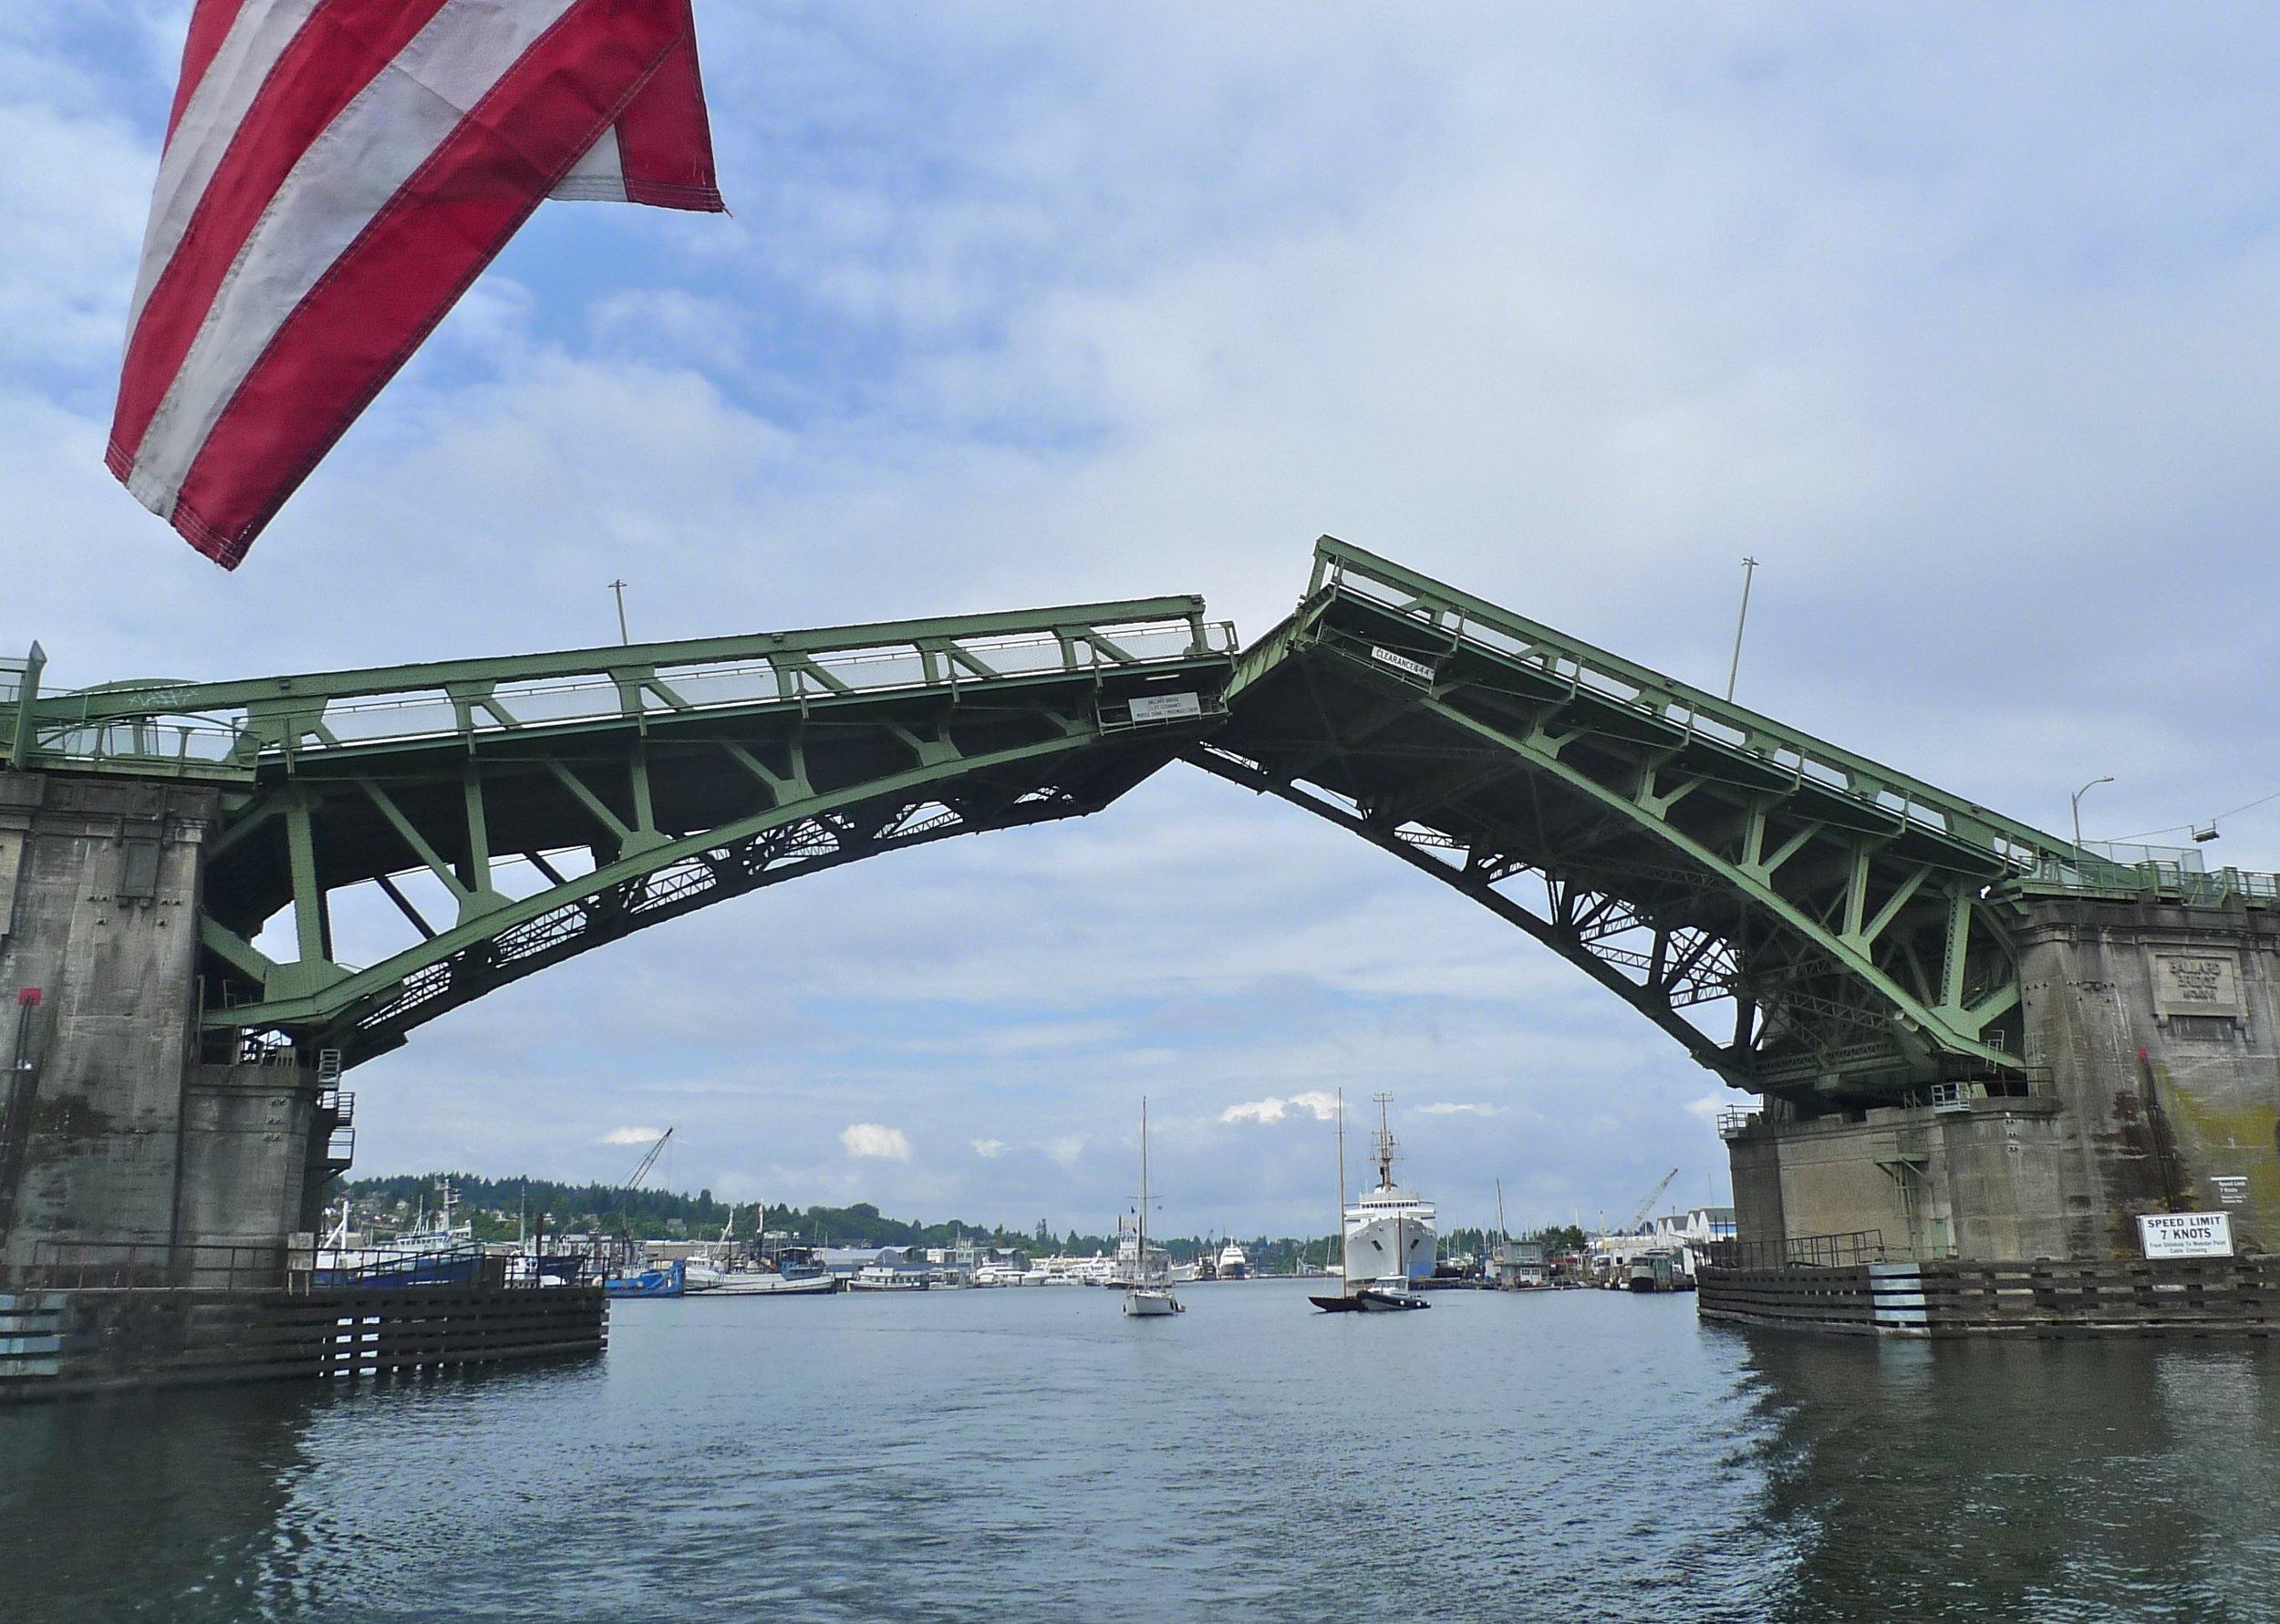 View_from_boat_of_Ballard_Bridge_opening_-_Seattle_2011.jpg